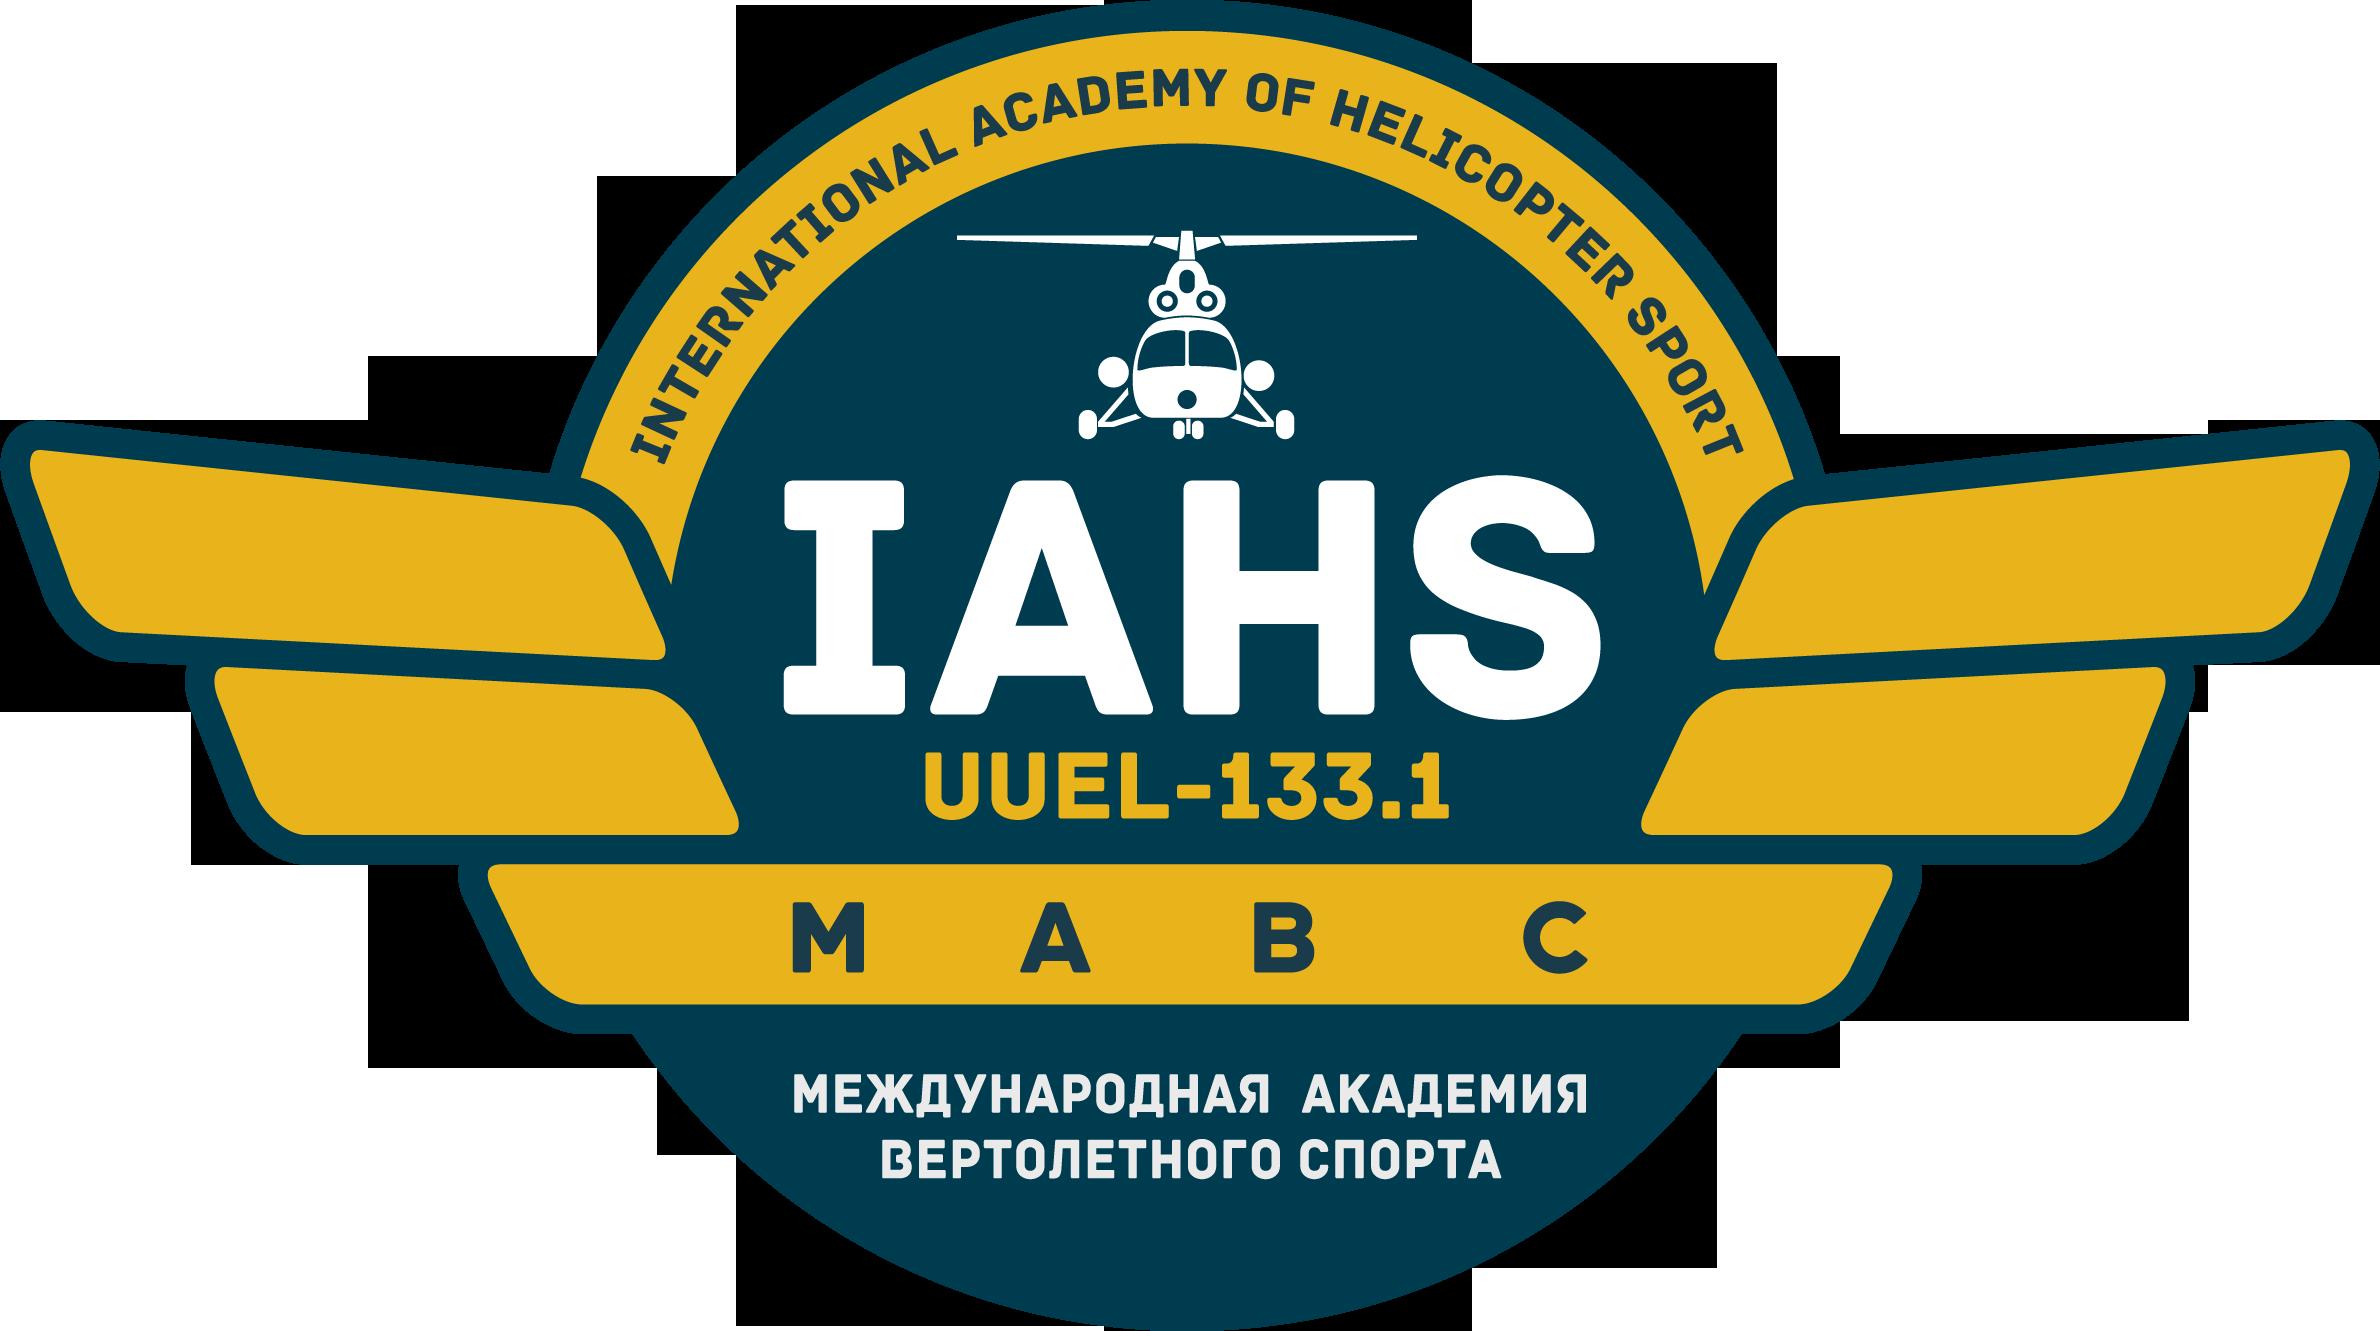 Международная академия вертолетного спорта